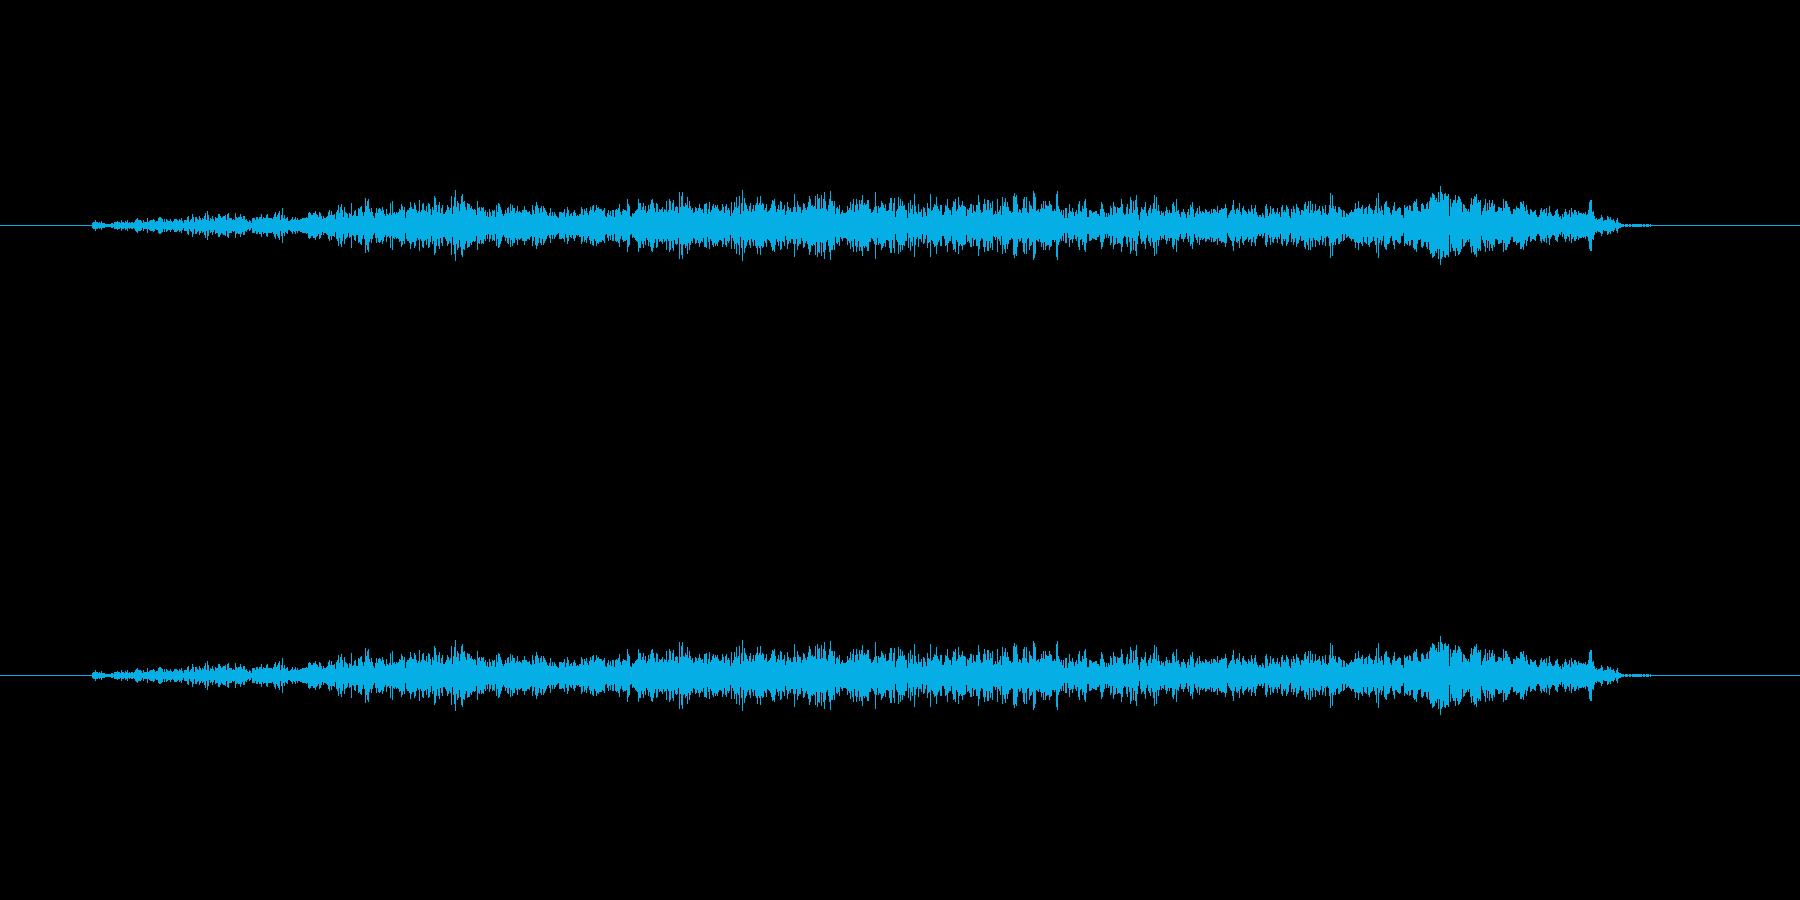 【フェルトペン01-3(直線)】の再生済みの波形